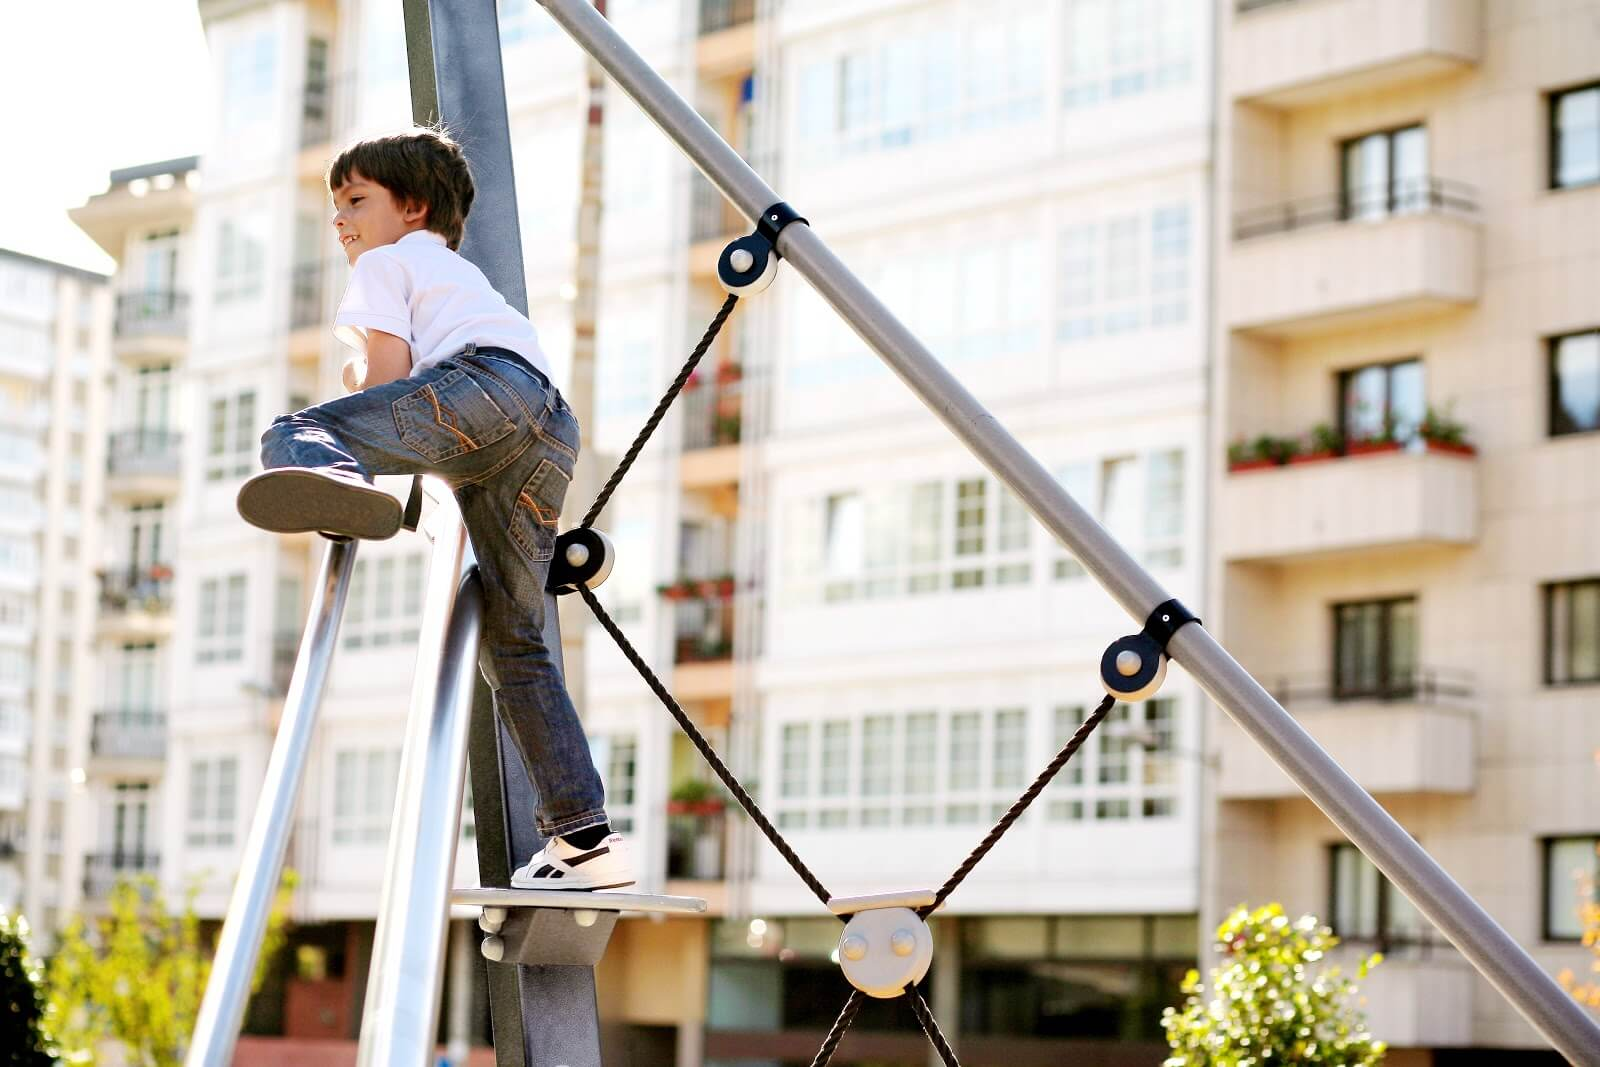 Galopin - производитель детских площадок